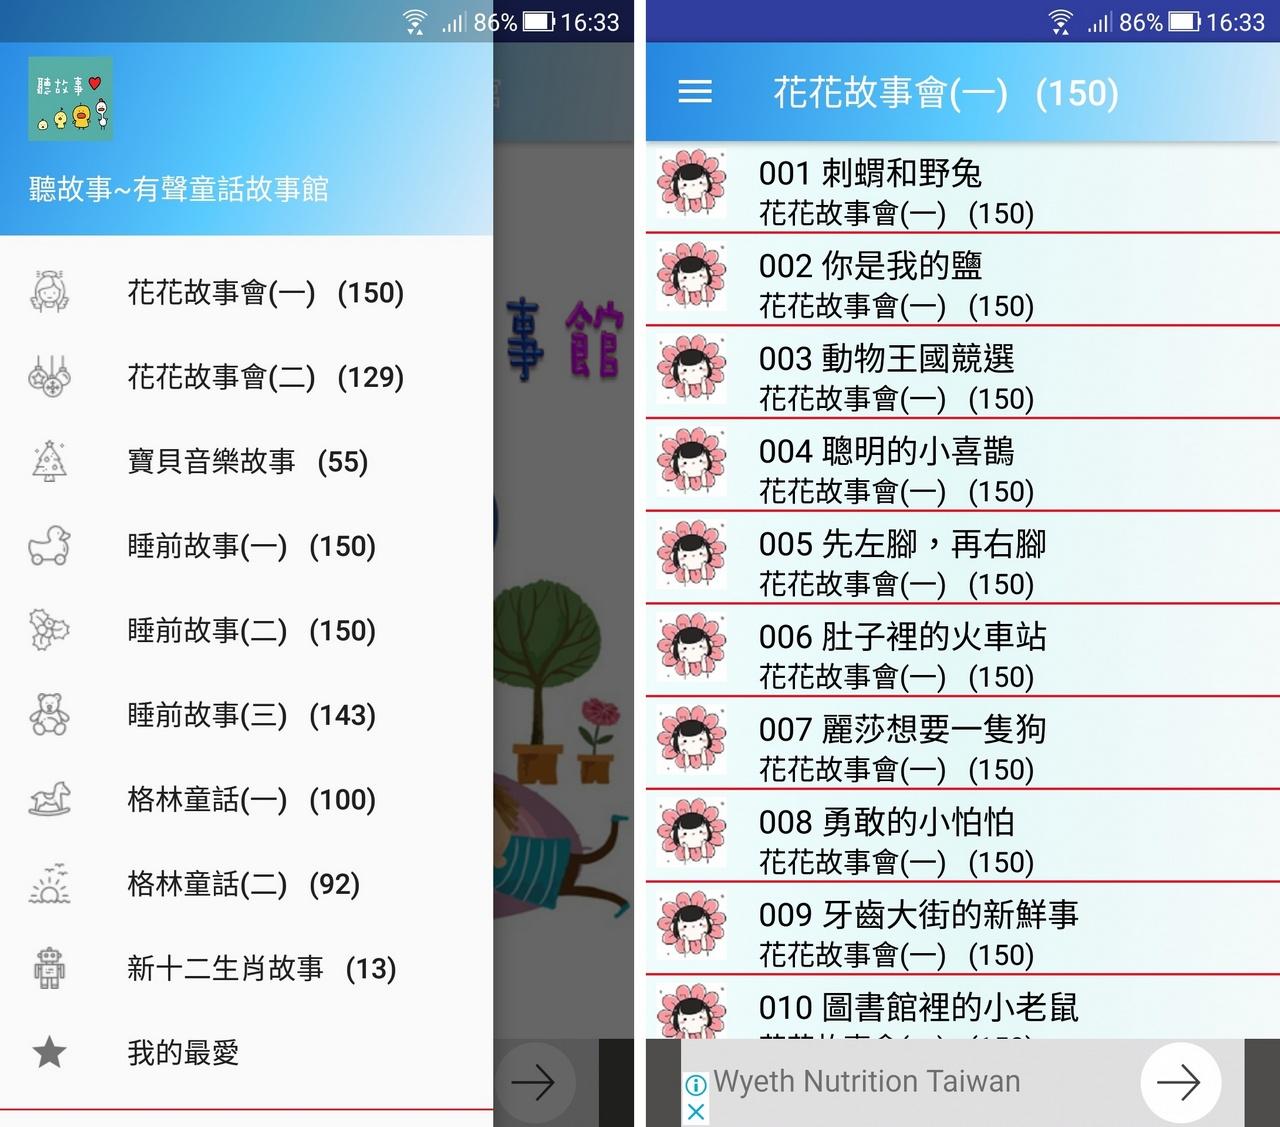 兒童話故事書App 睡前故事書 講故事給小朋友聽 Android下載